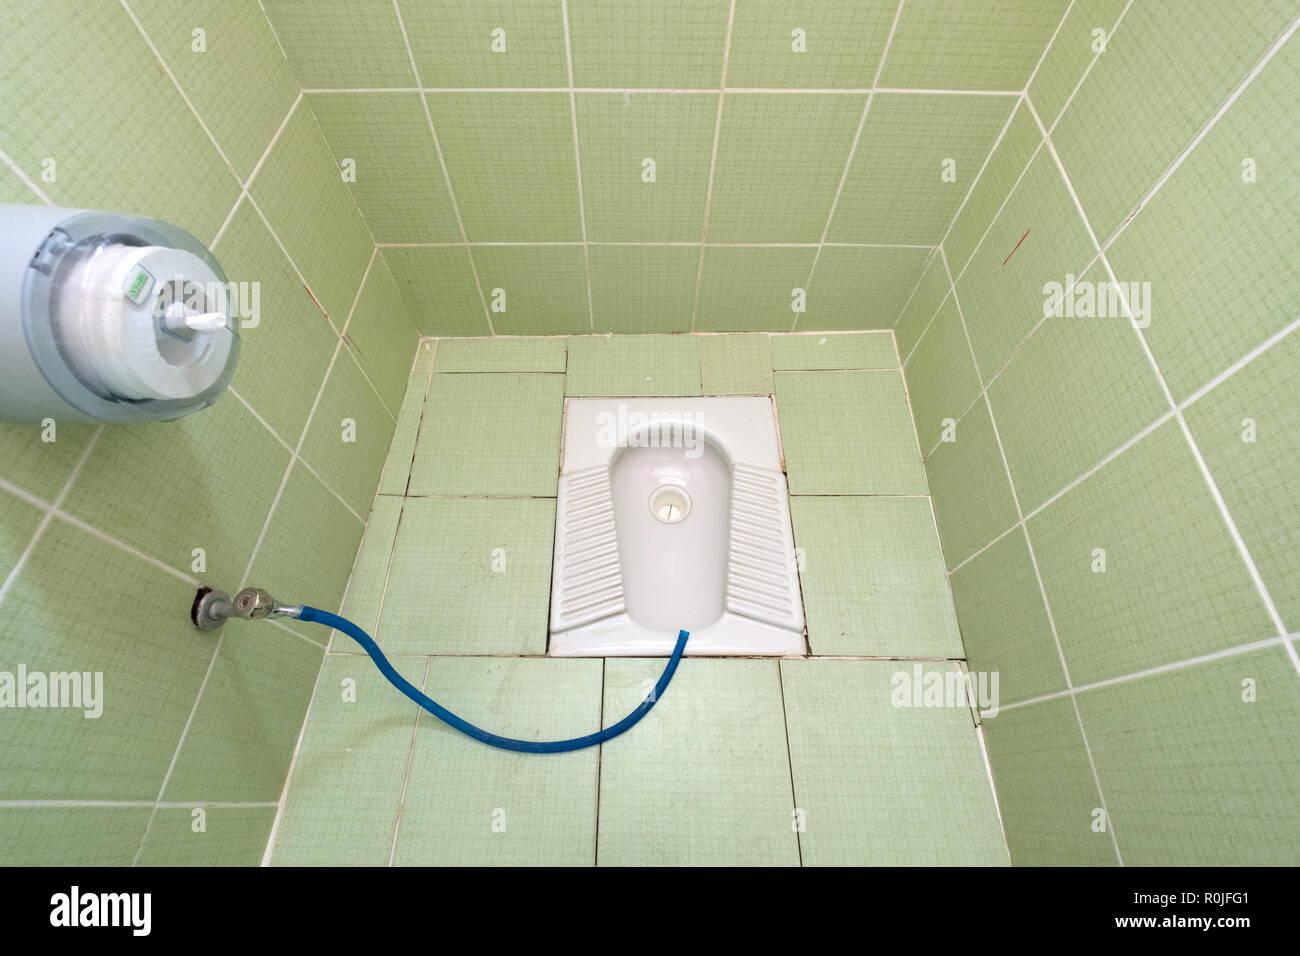 Trou dans le sol à l'accroupissement toilettes une toilette publique Photo Stock